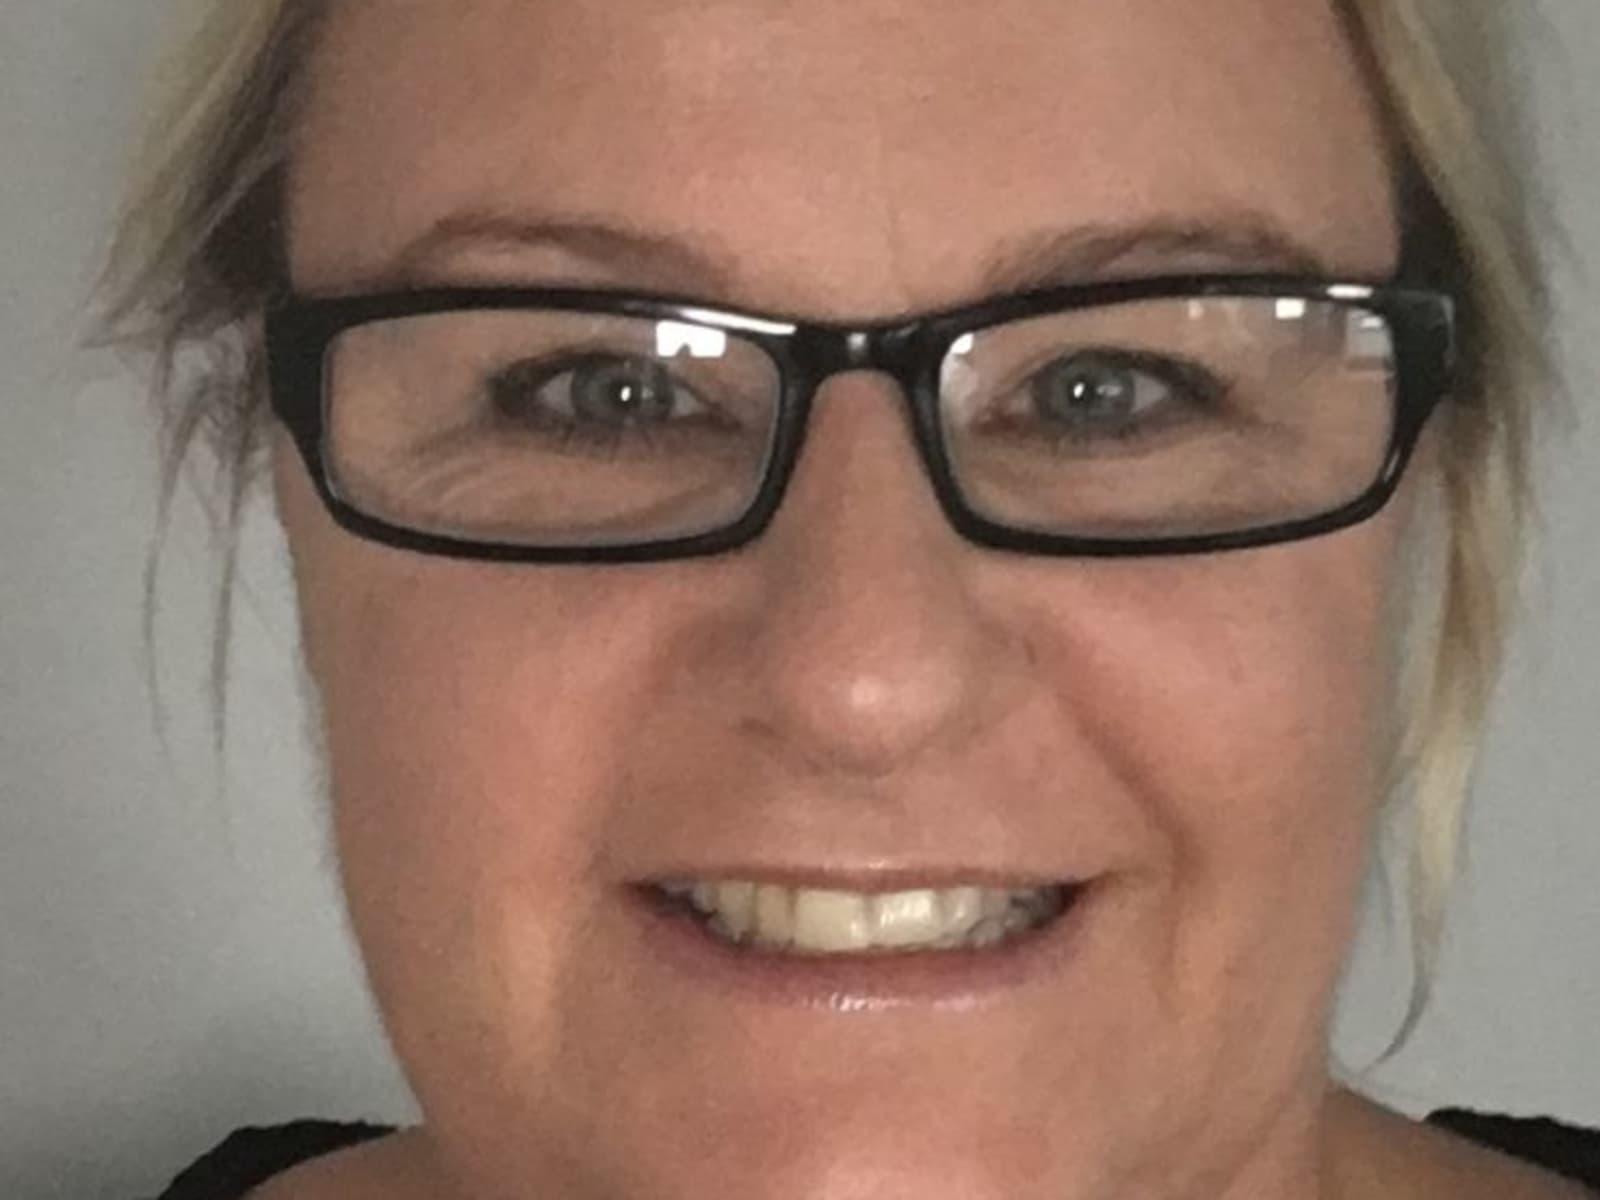 Julie from Brisbane, Queensland, Australia